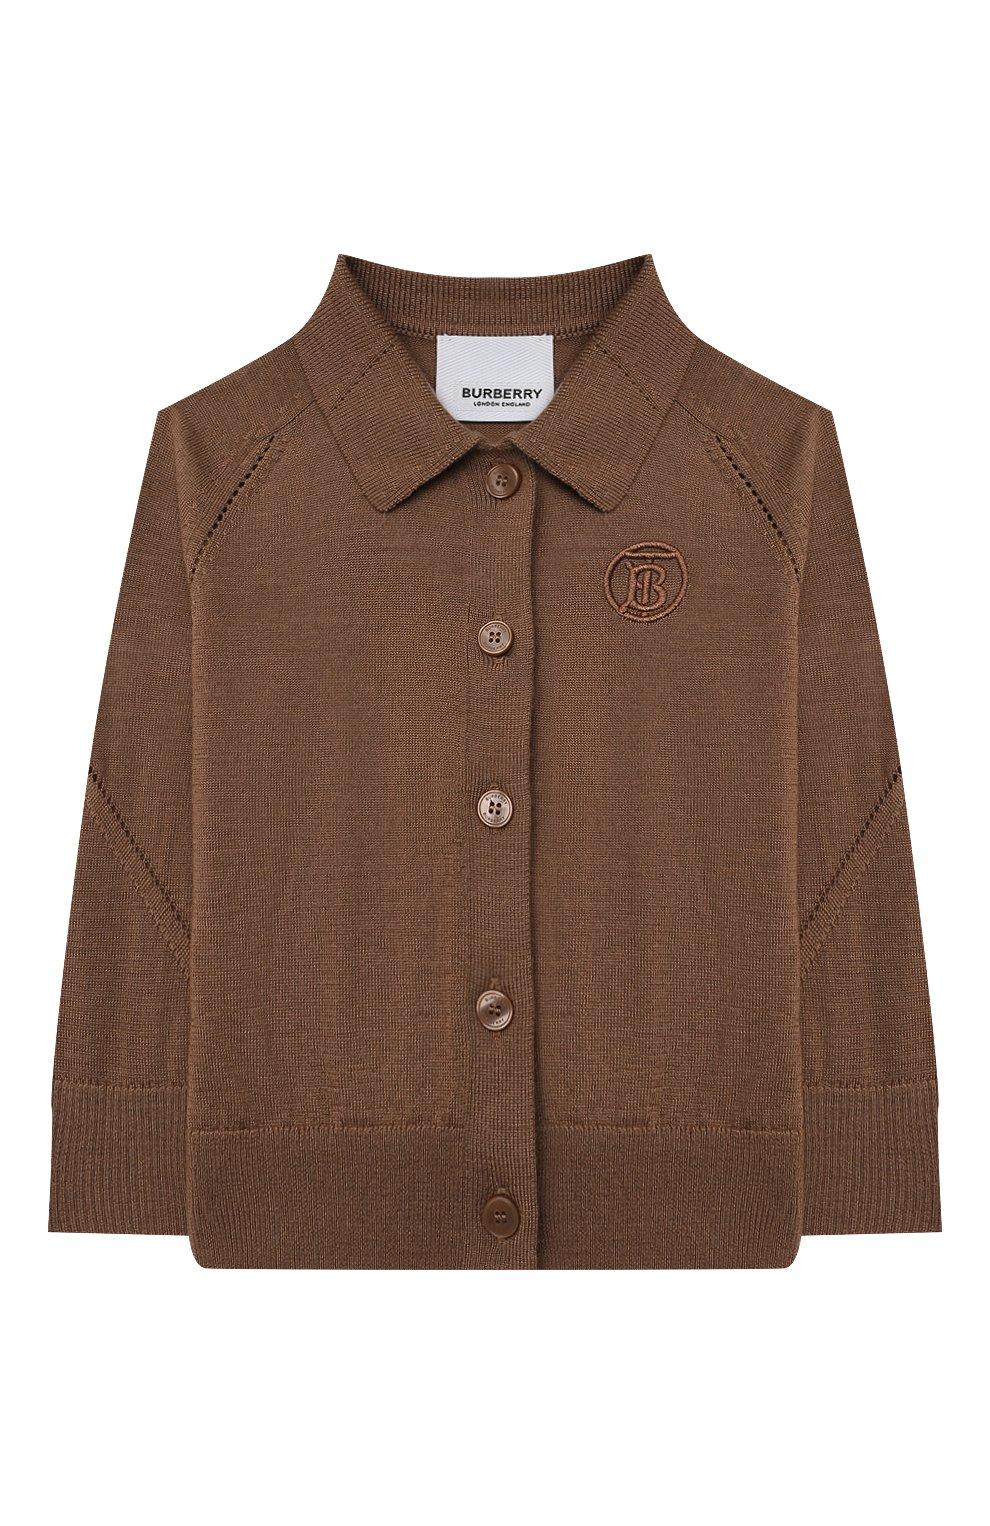 Детский шерстяной кардиган BURBERRY коричневого цвета, арт. 8036448 | Фото 1 (Материал внешний: Шерсть; Рукава: Длинные; Ростовка одежда: 12 мес | 80 см, 18 мес | 86 см, 24 мес | 92 см)